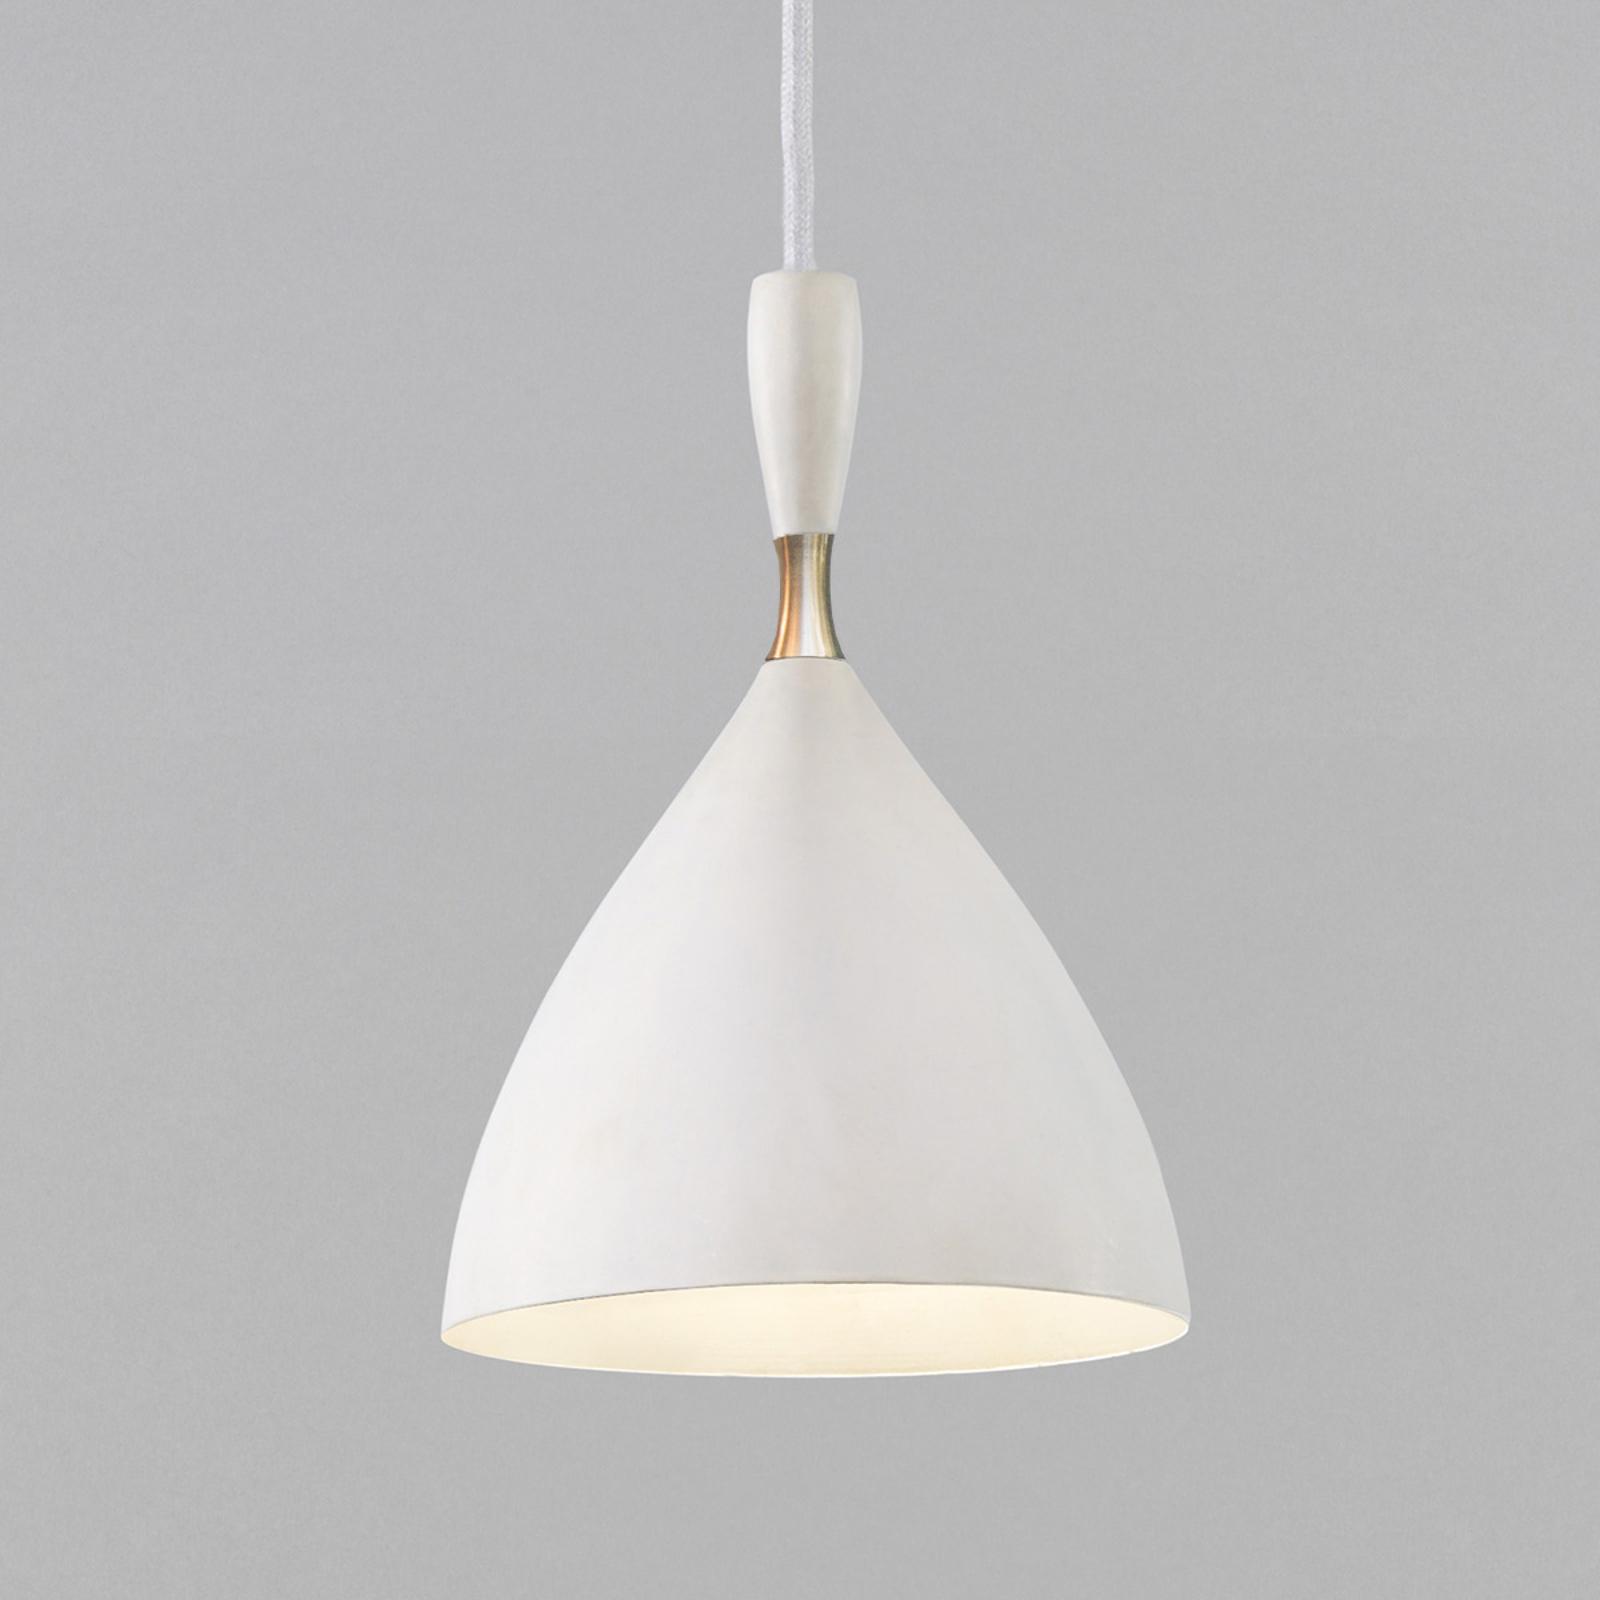 Retro-Hanglamp Dokka van staal, wit